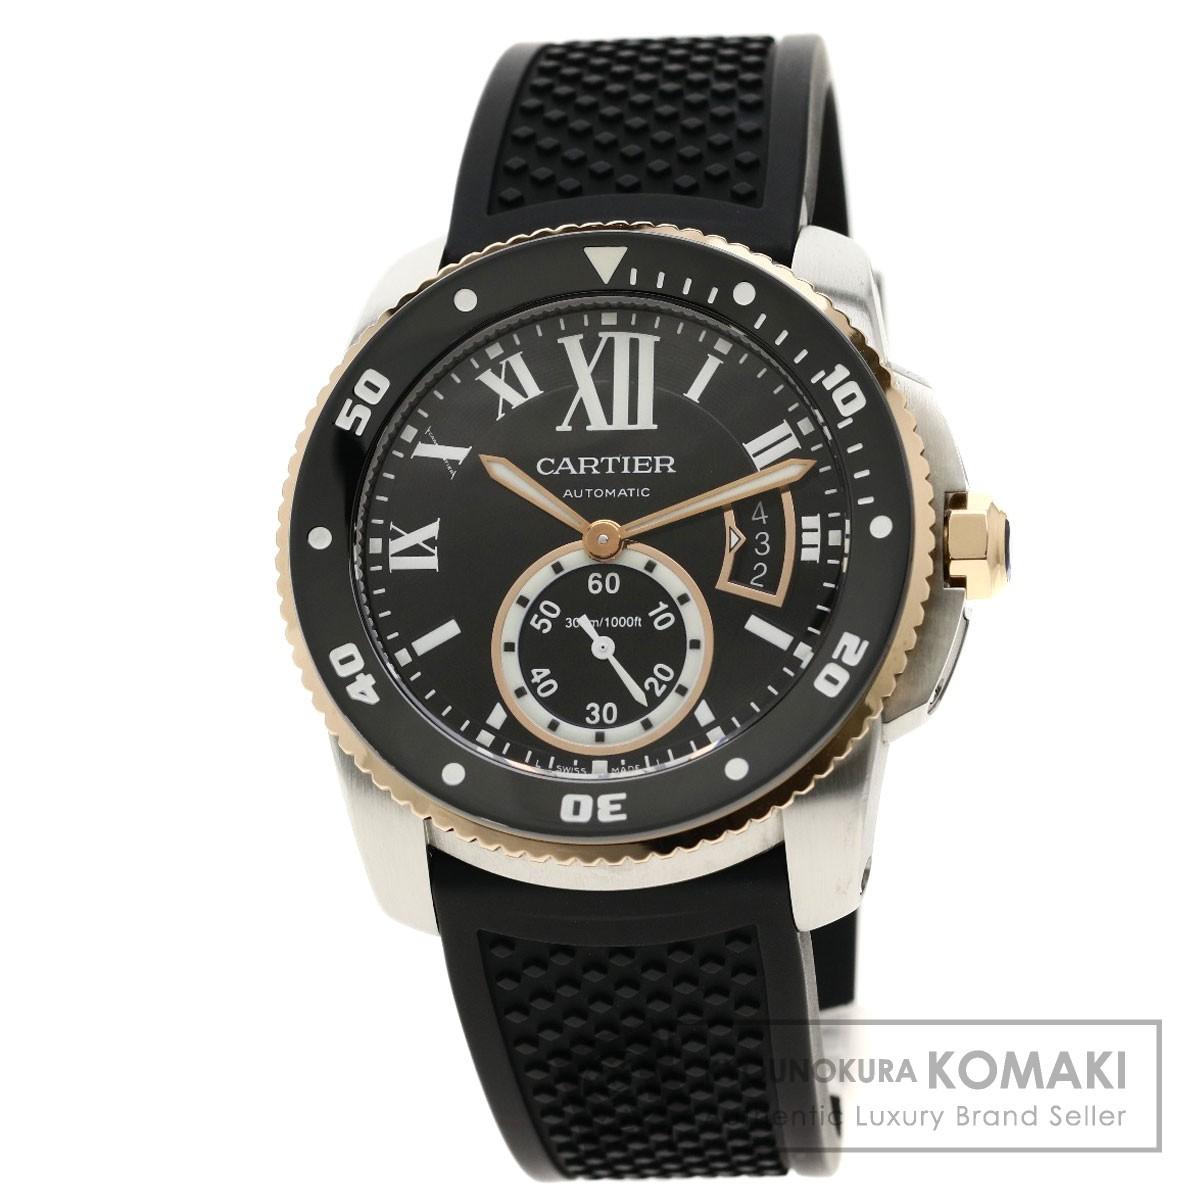 カルティエ W7100055 カリブル ドゥ カルティエ ダイバー 腕時計 ステンレススチール/ラバー/K18PG メンズ 【中古】【CARTIER】